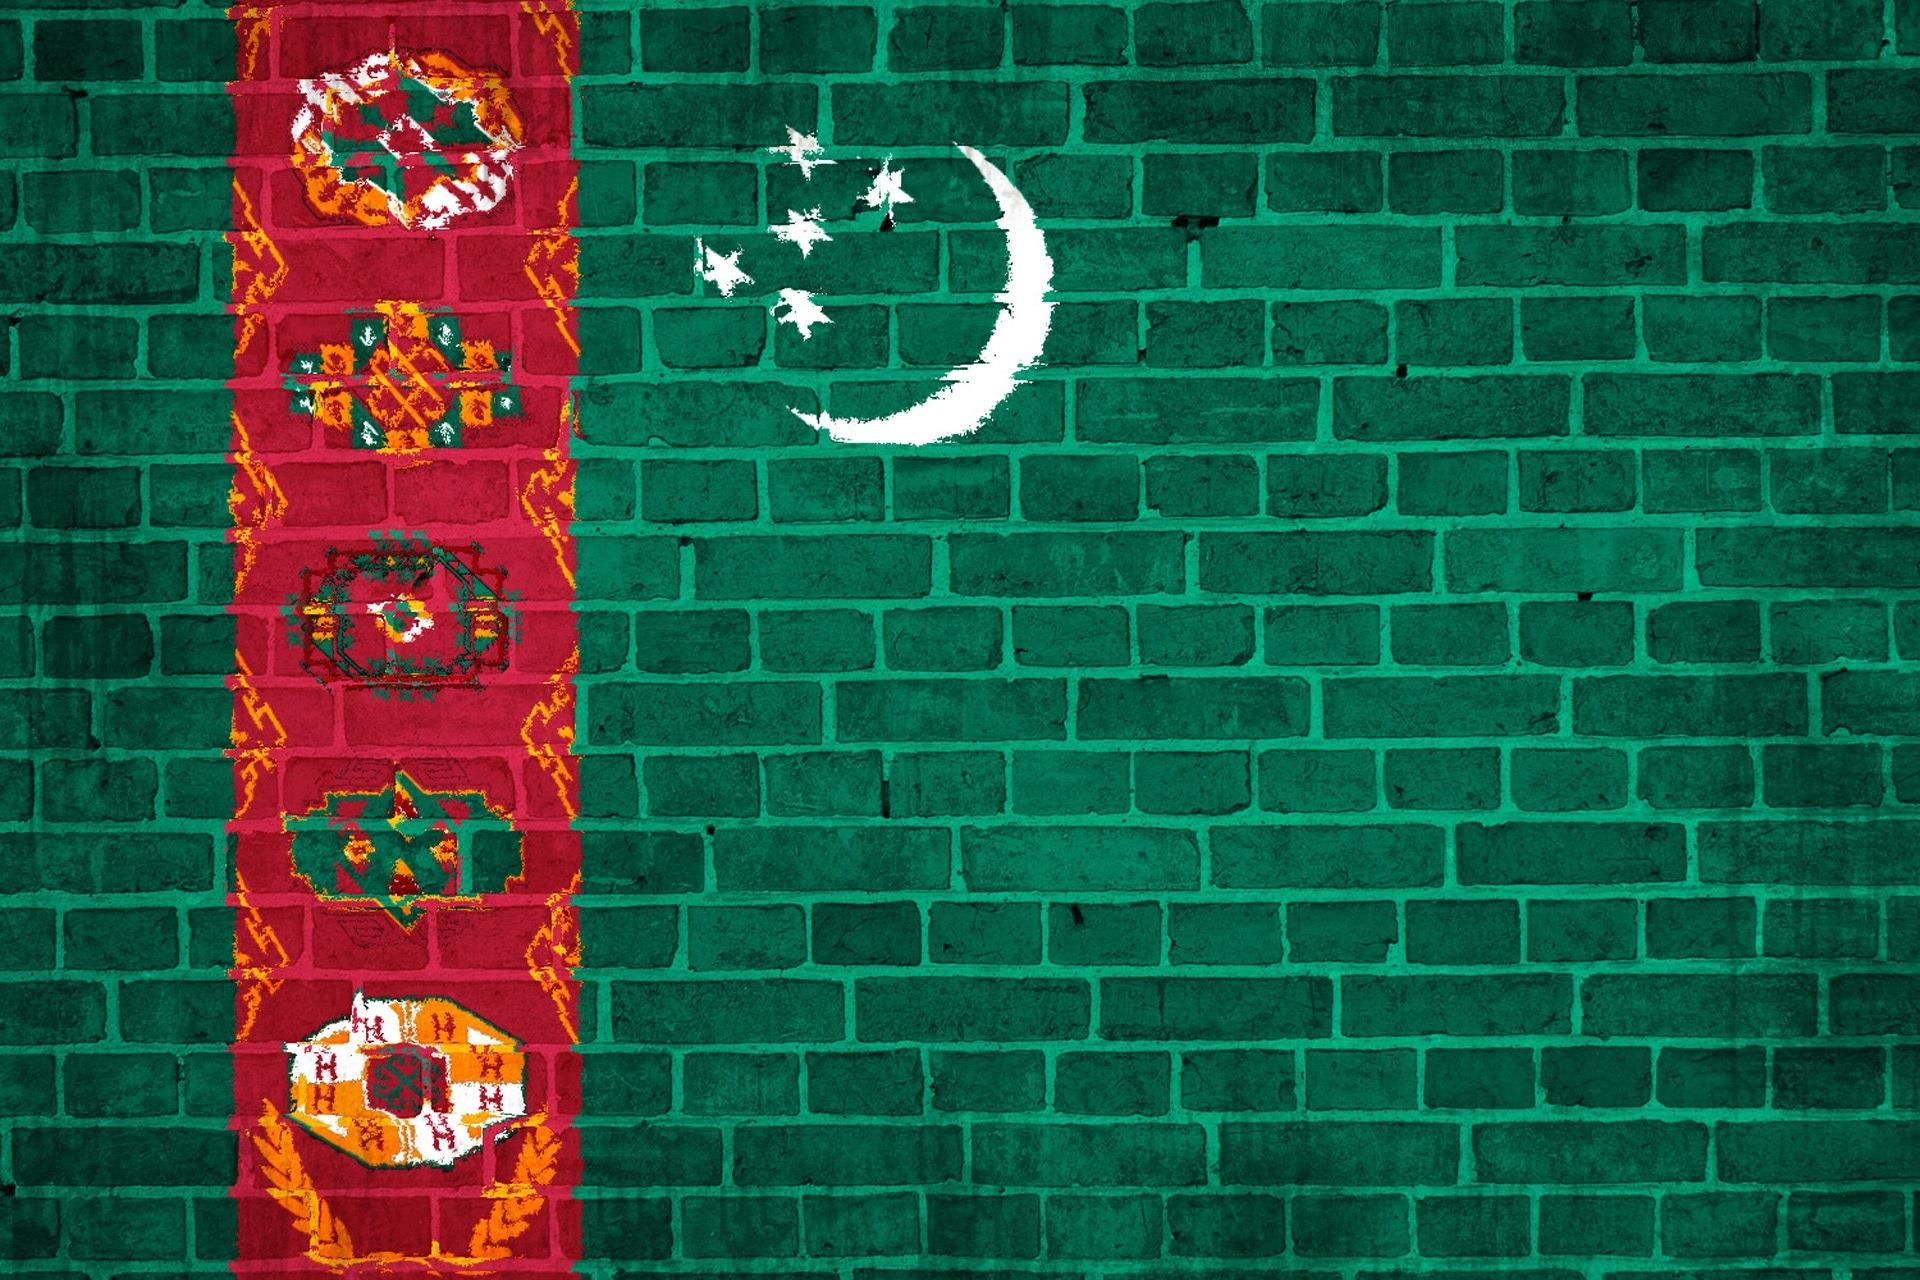 Download wallpaper 1920x1280 turkmenistan flag wall stones hd 1920x1280